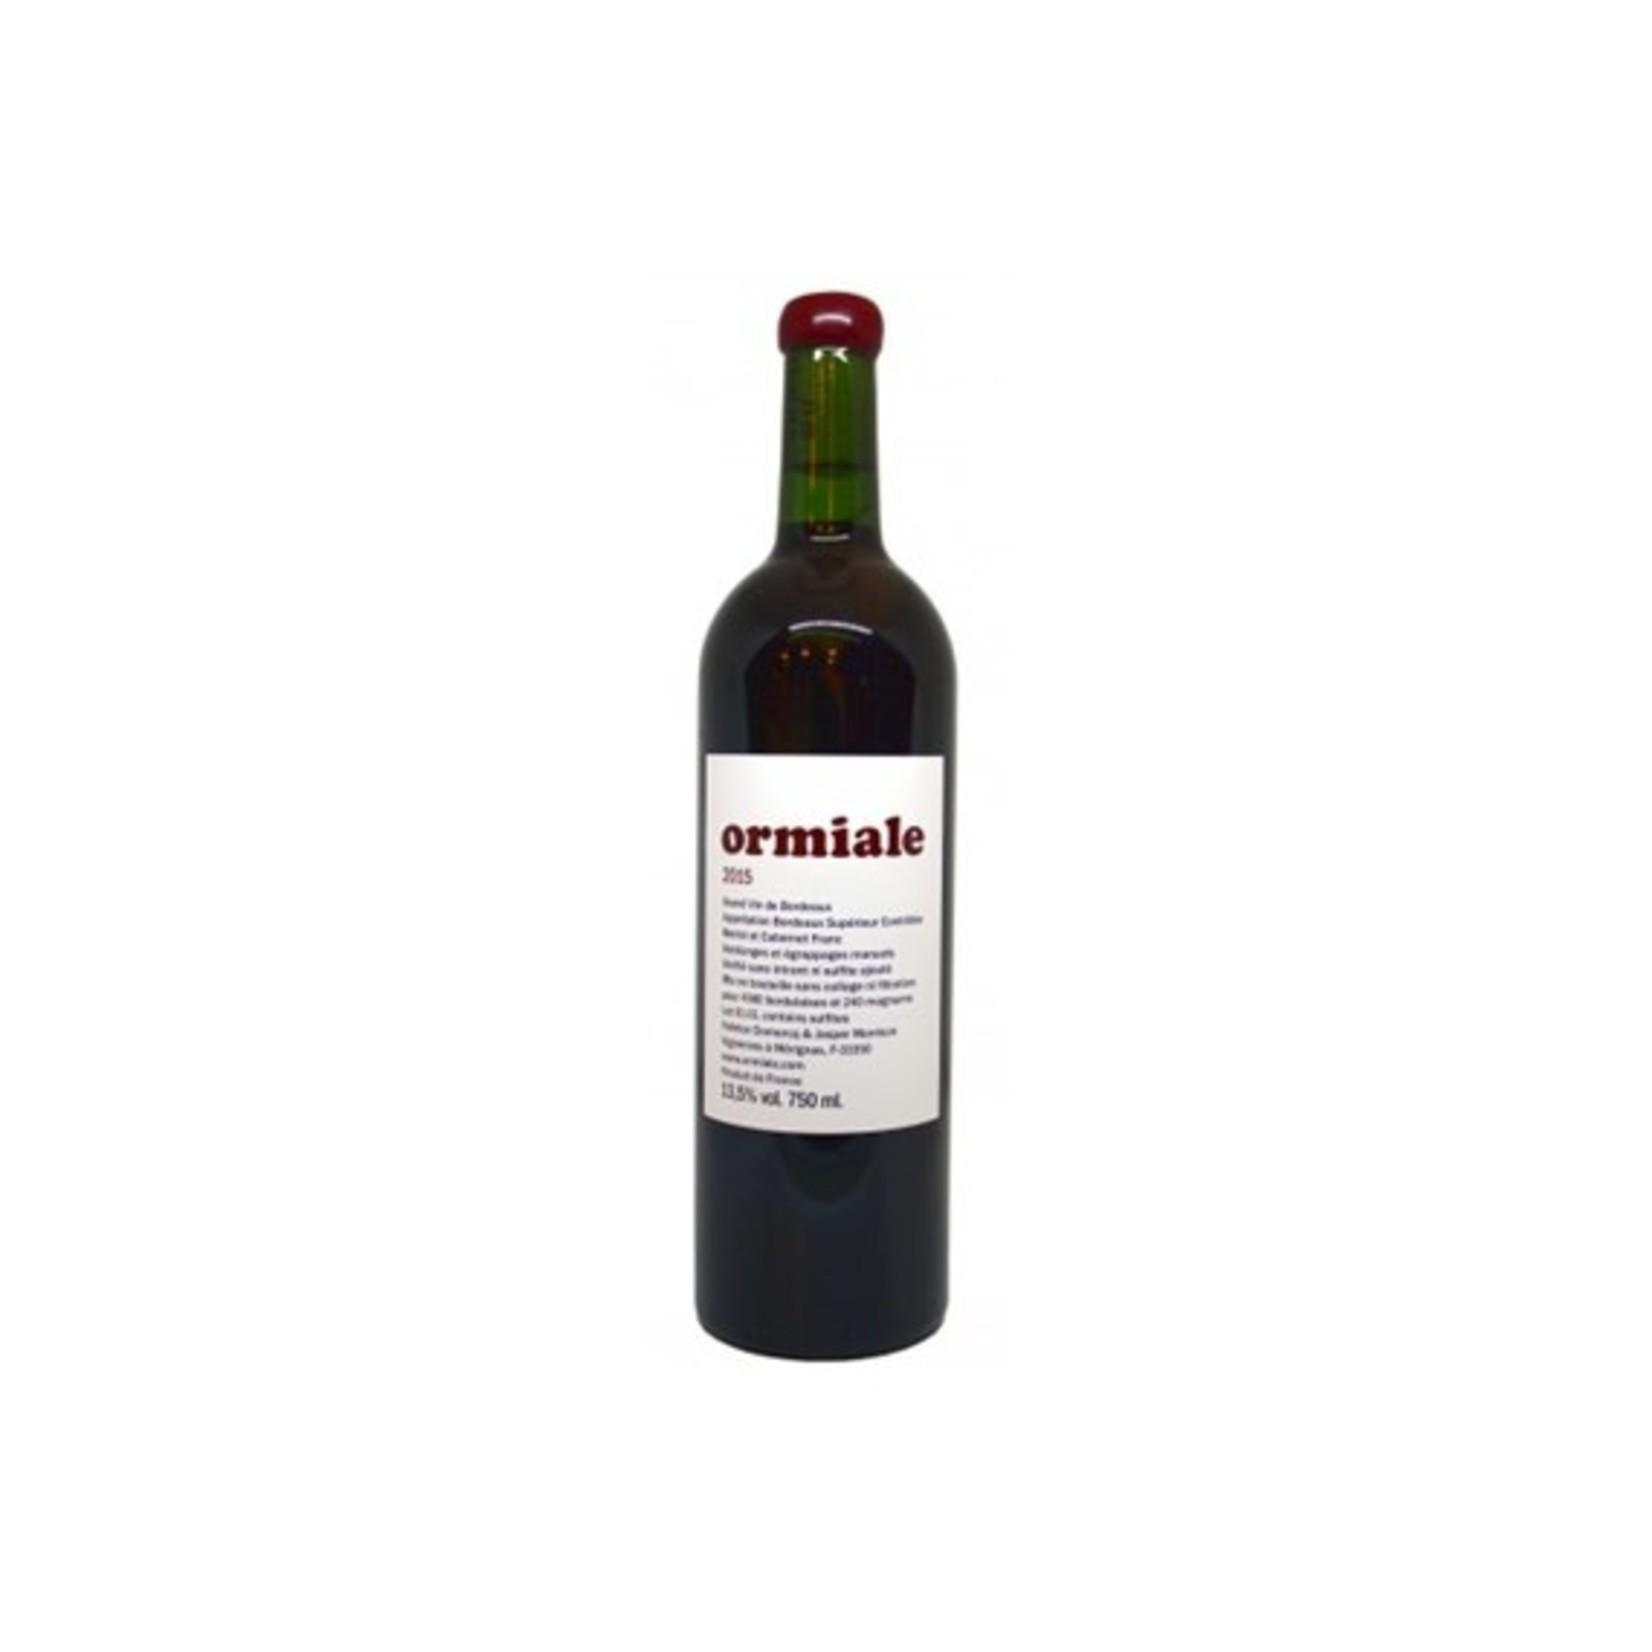 Ormiale, Vin Nature Bordeaux Superieur, 2016